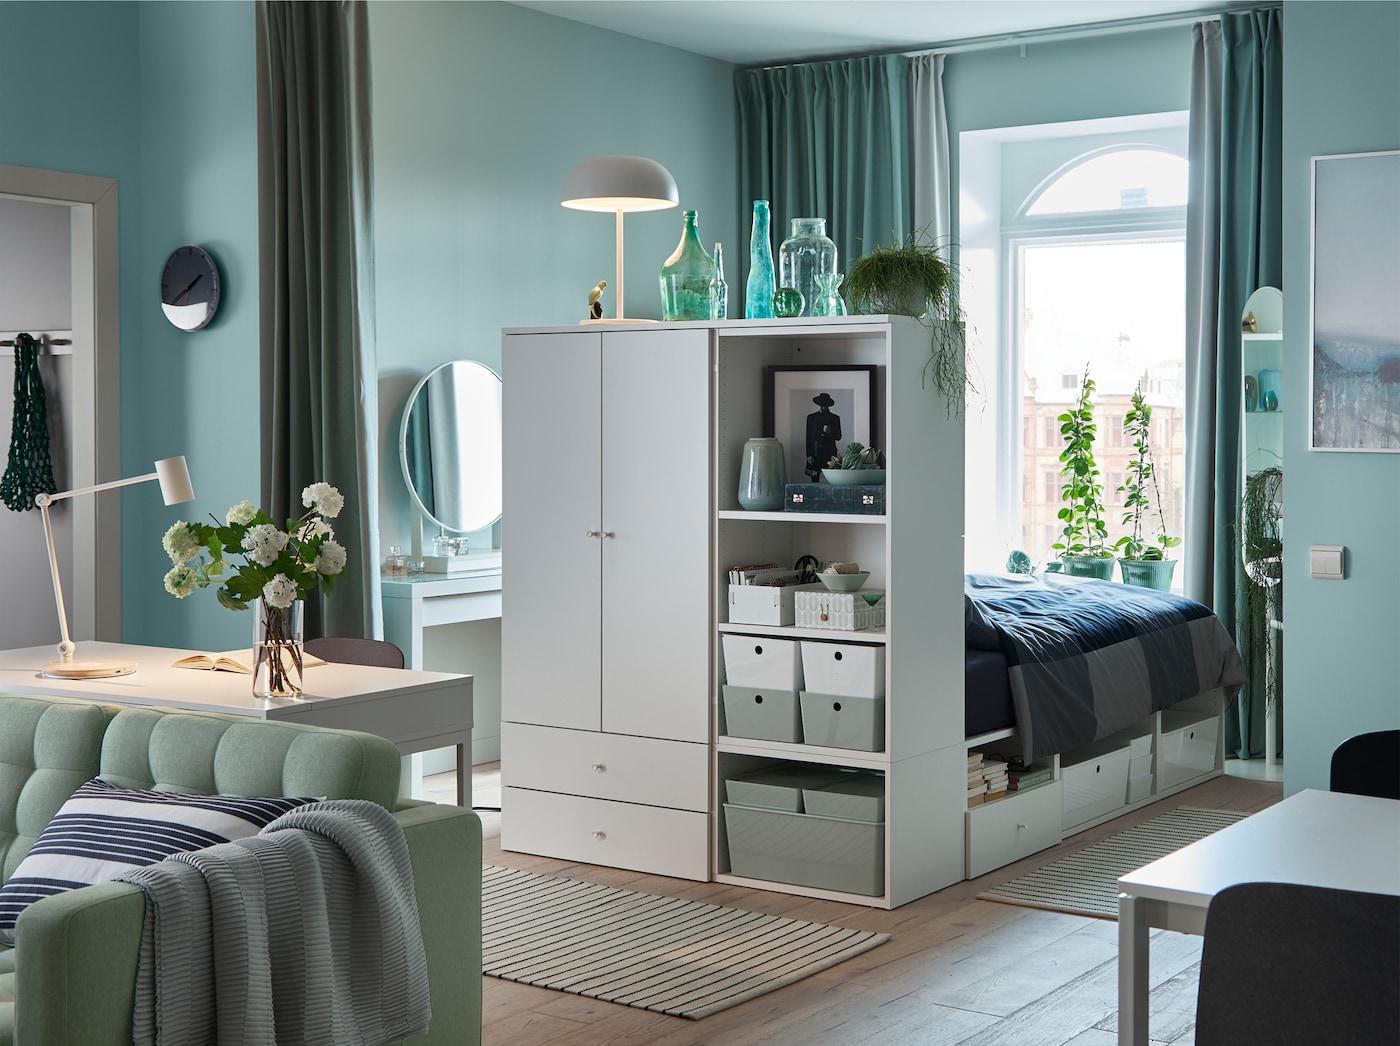 Rolig, lysegrøn 1-værelses lejlighed med grønne gardiner, grøn sofa og hvidt sengestel med opbevaring.